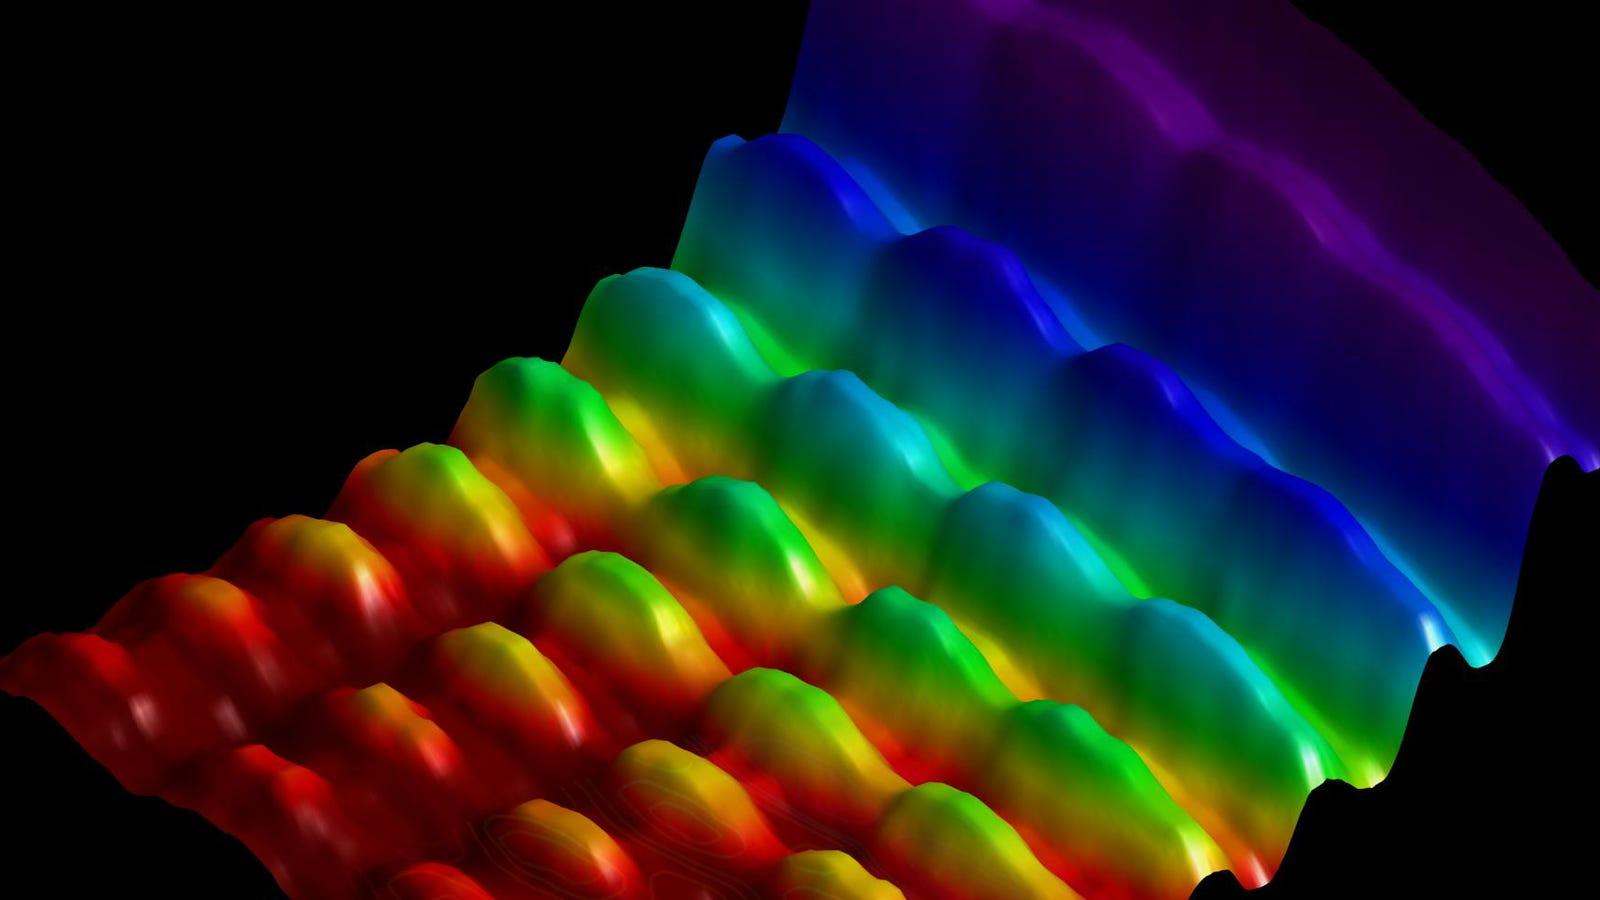 Logran fotografiar por primera vez la luz como onda y como partícula